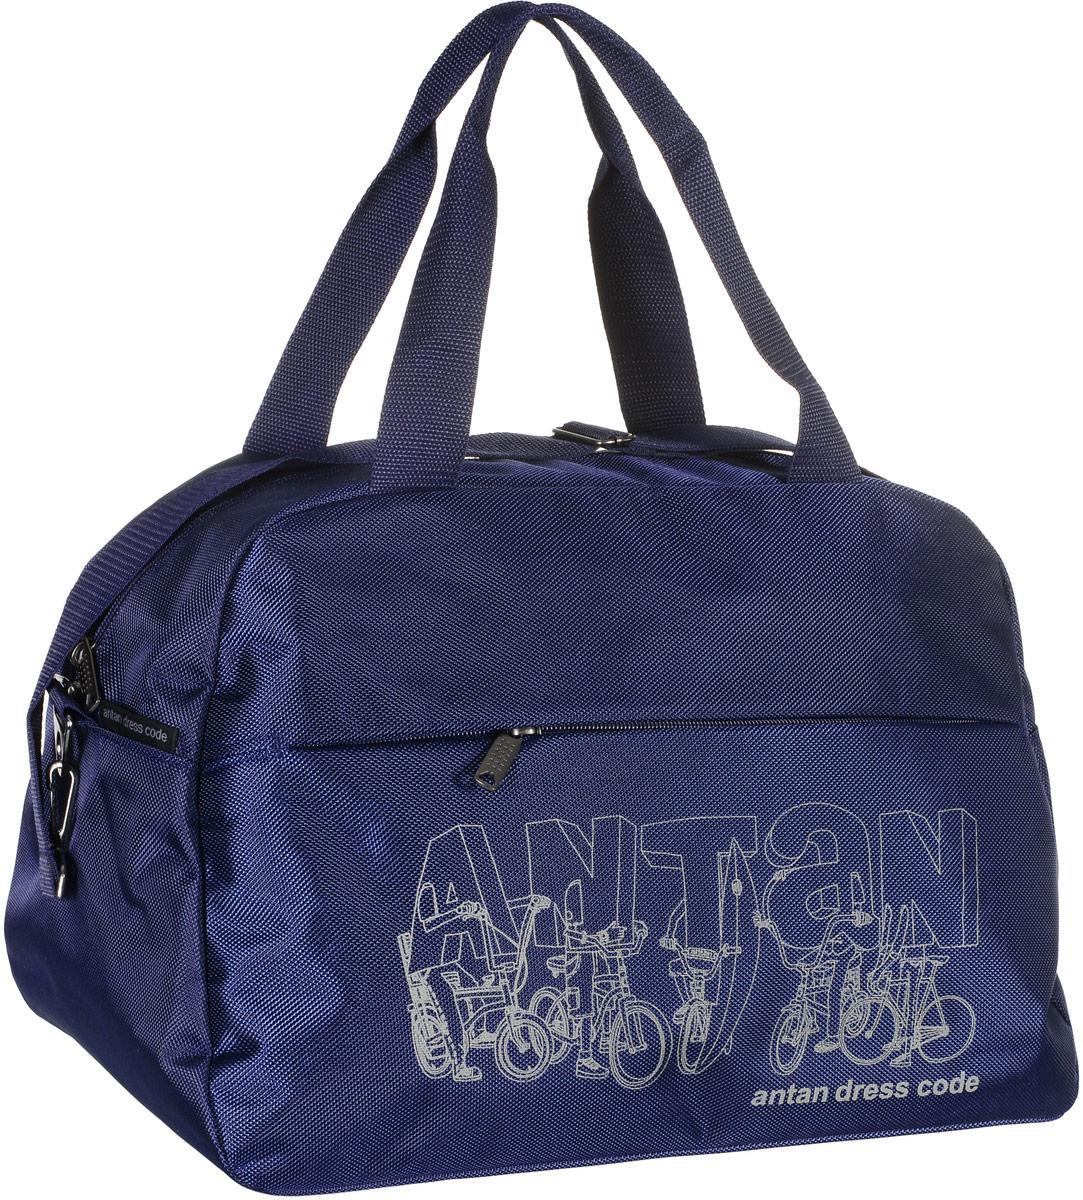 Сумка дорожная Аntan Bike, цвет: темно-синий. 2-1682-168Вместительная дорожная сумка Аntan Bike, выполненная из полиэстера, оформлена на лицевой стороне фирменным принтом.Изделие имеет одно отделение, которое закрывается на застежку-молнию. Снаружи, на передней стенке расположен прорезной карман на застежке-молнии.Сумка оснащена двумя удобными ручками. В комплект входит съемный регулируемый плечевой ремень. Изделие имеет жесткое основание.